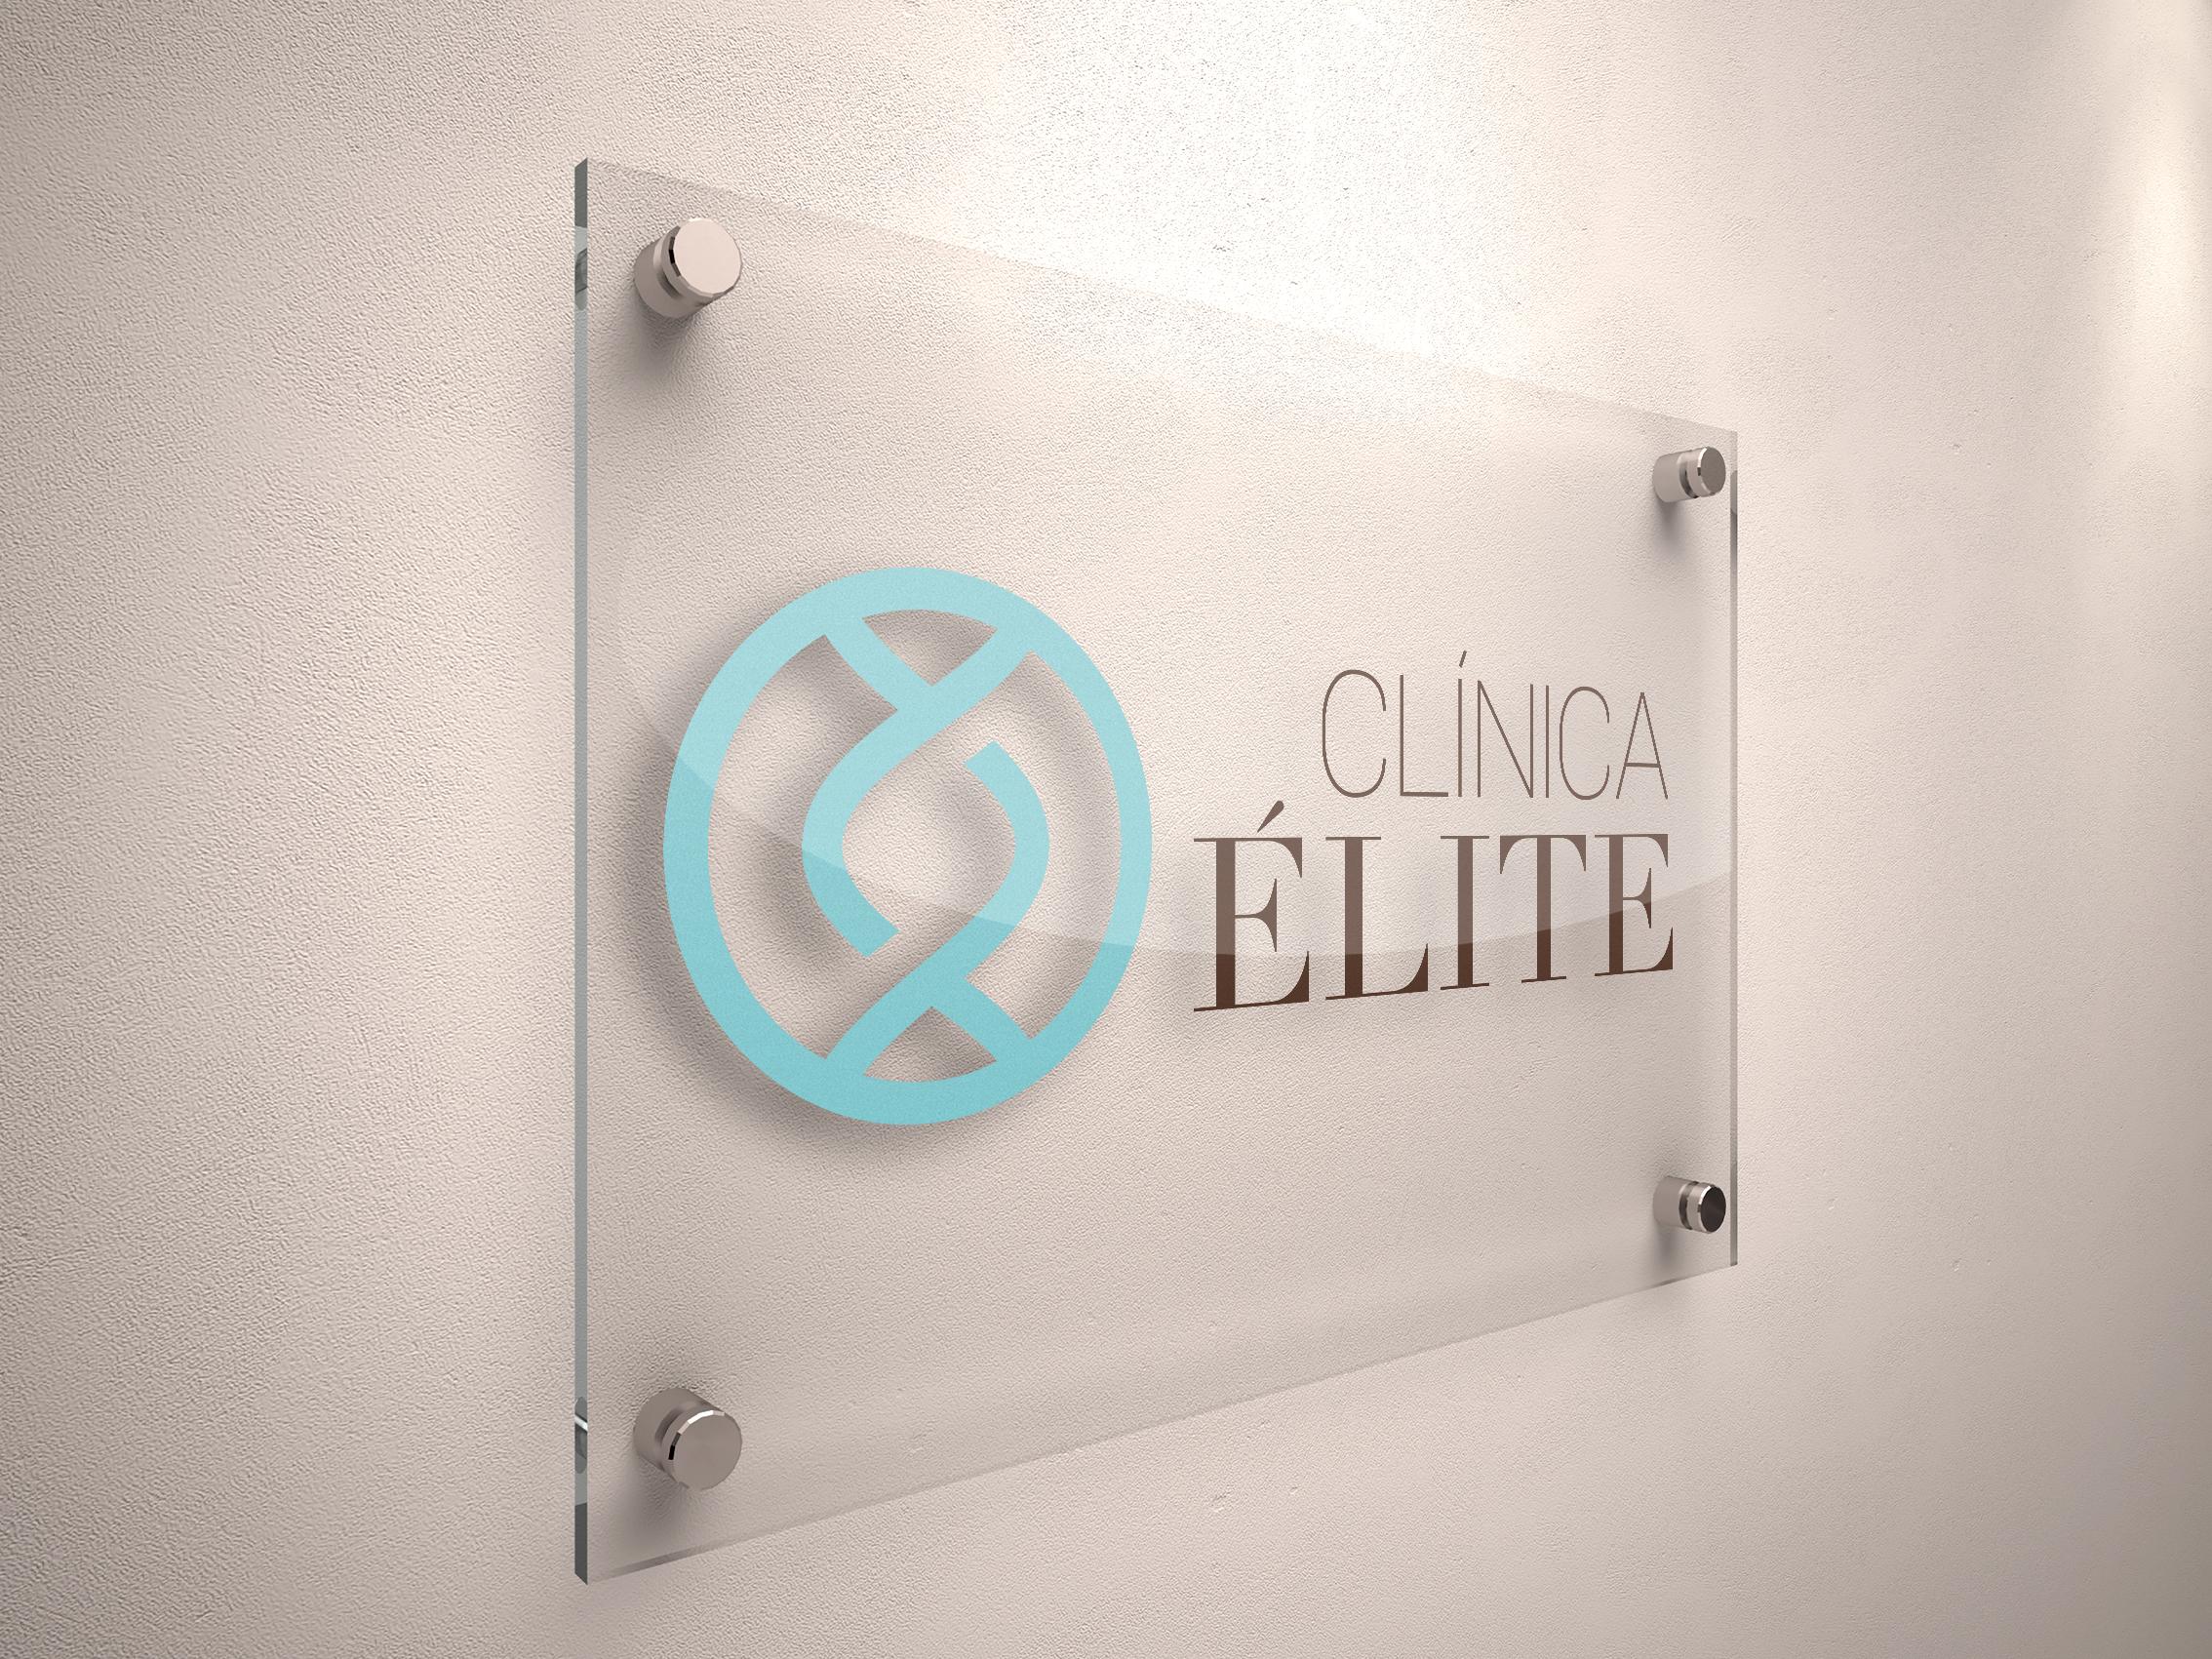 Señalética Clínica Elite